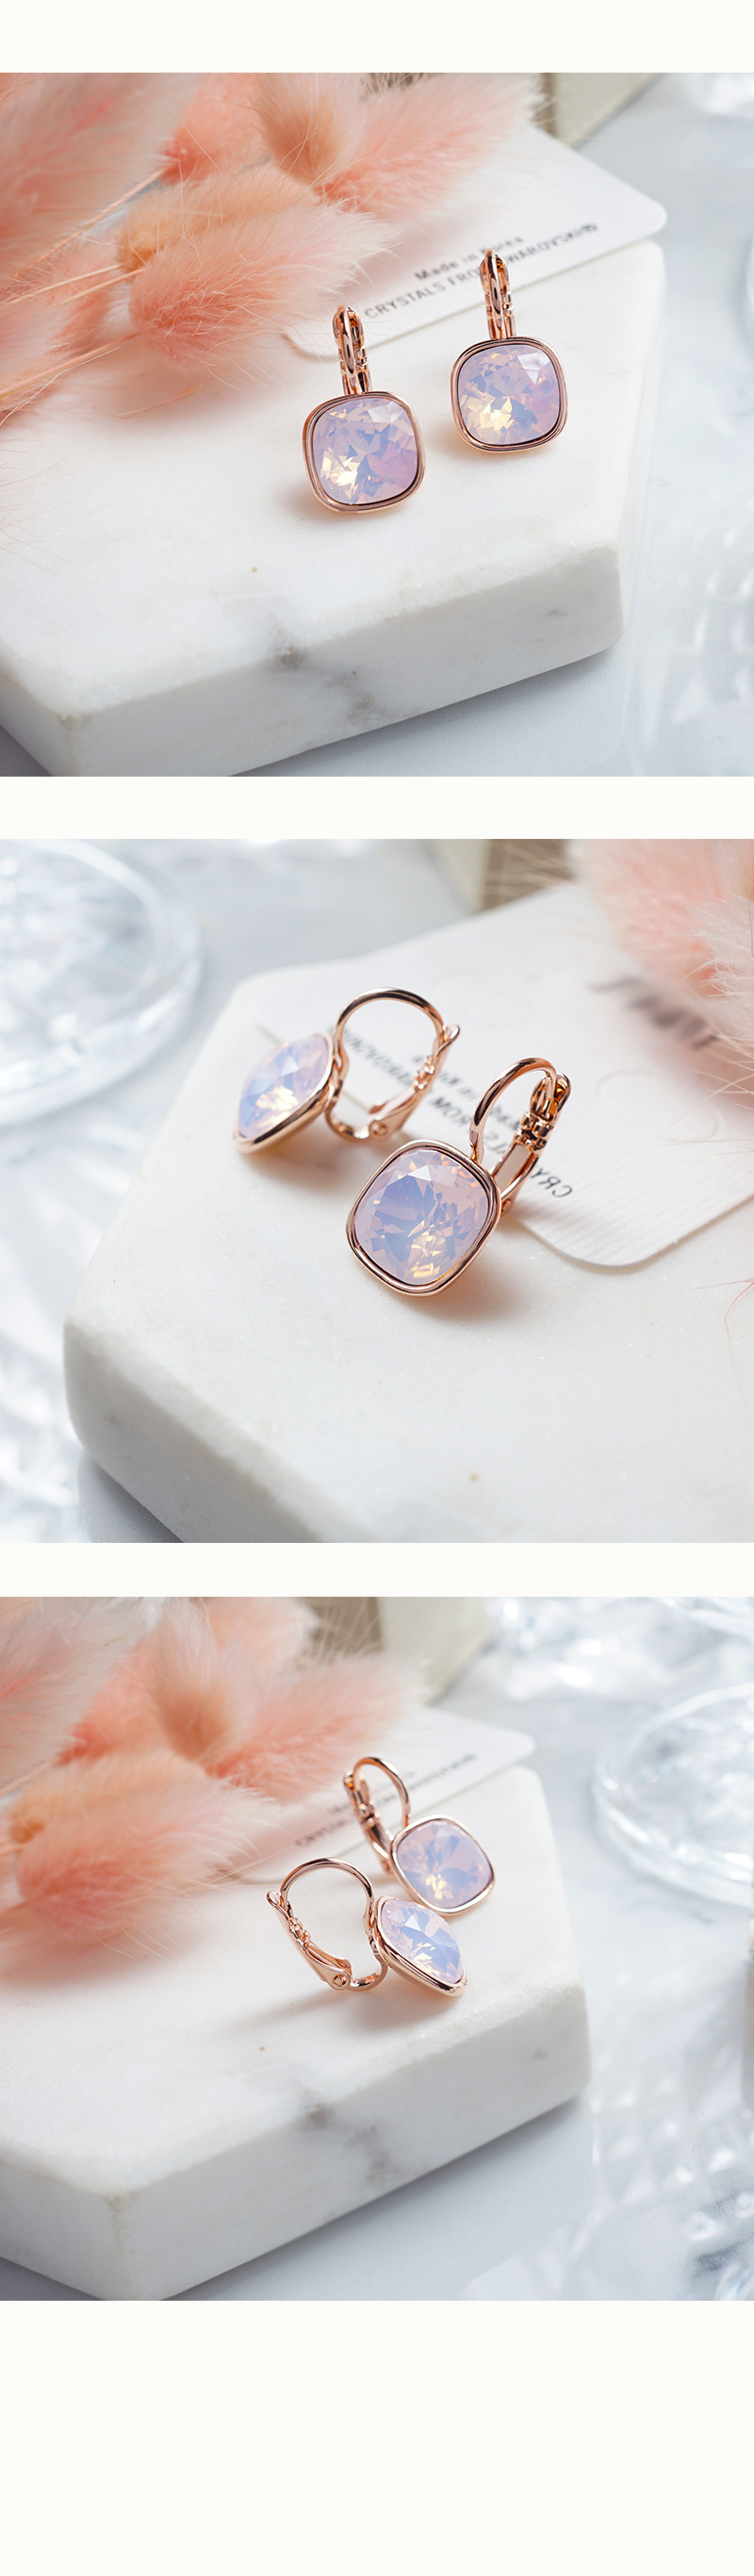 스와로브스키 크리스탈 쿠션컷 로즈골드 10mm 귀걸이- 로즈워터 오팔 ESG2160 - 비욘드라이프, 21,400원, 진주/원석, 드롭귀걸이